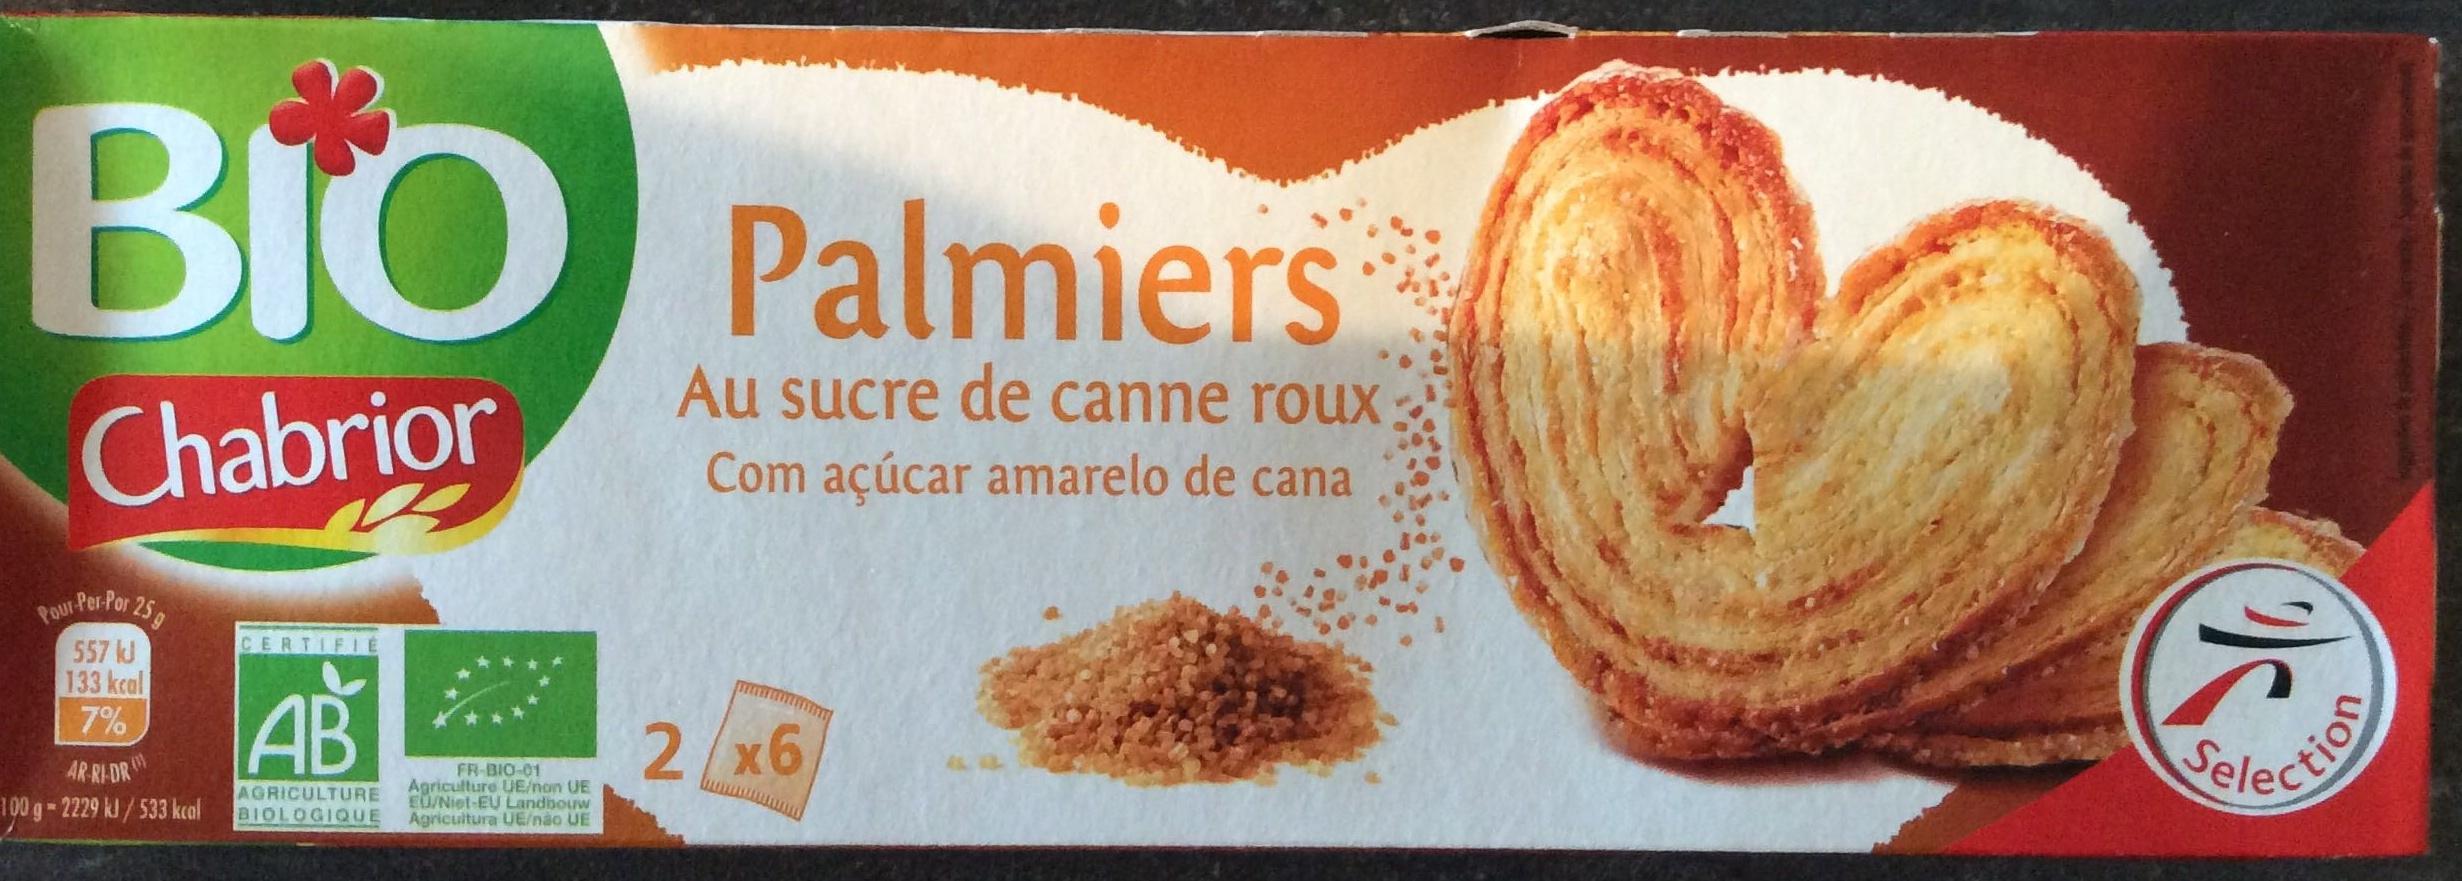 Palmiers au sucre de canne roux - Product